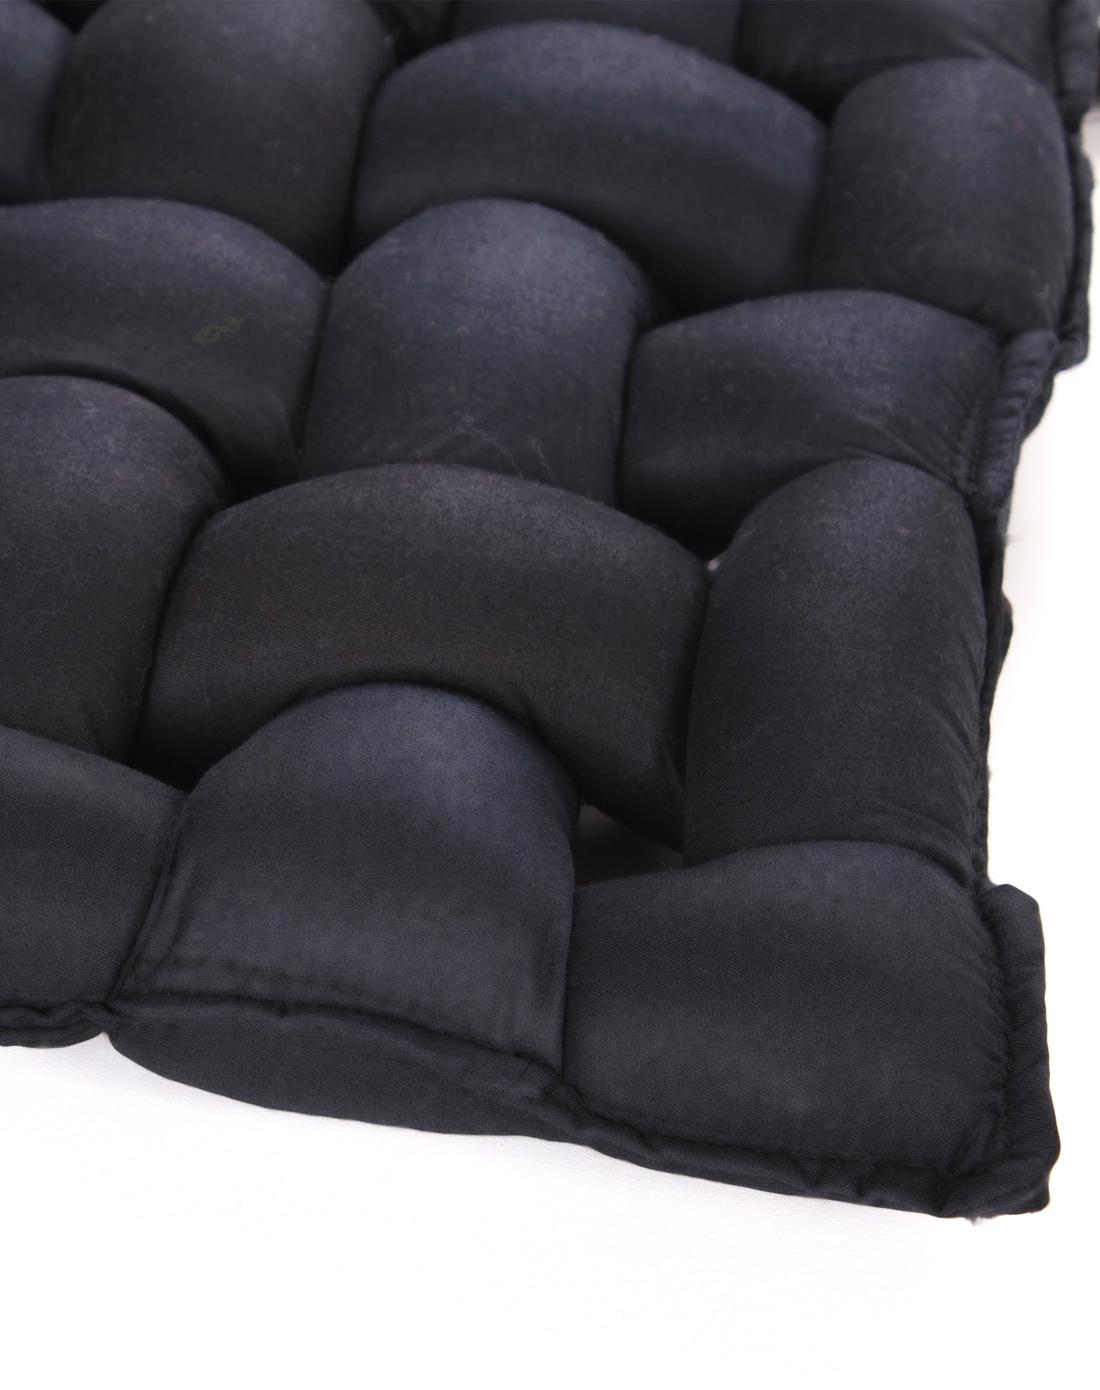 手工编织坐垫-黑色45*45cm